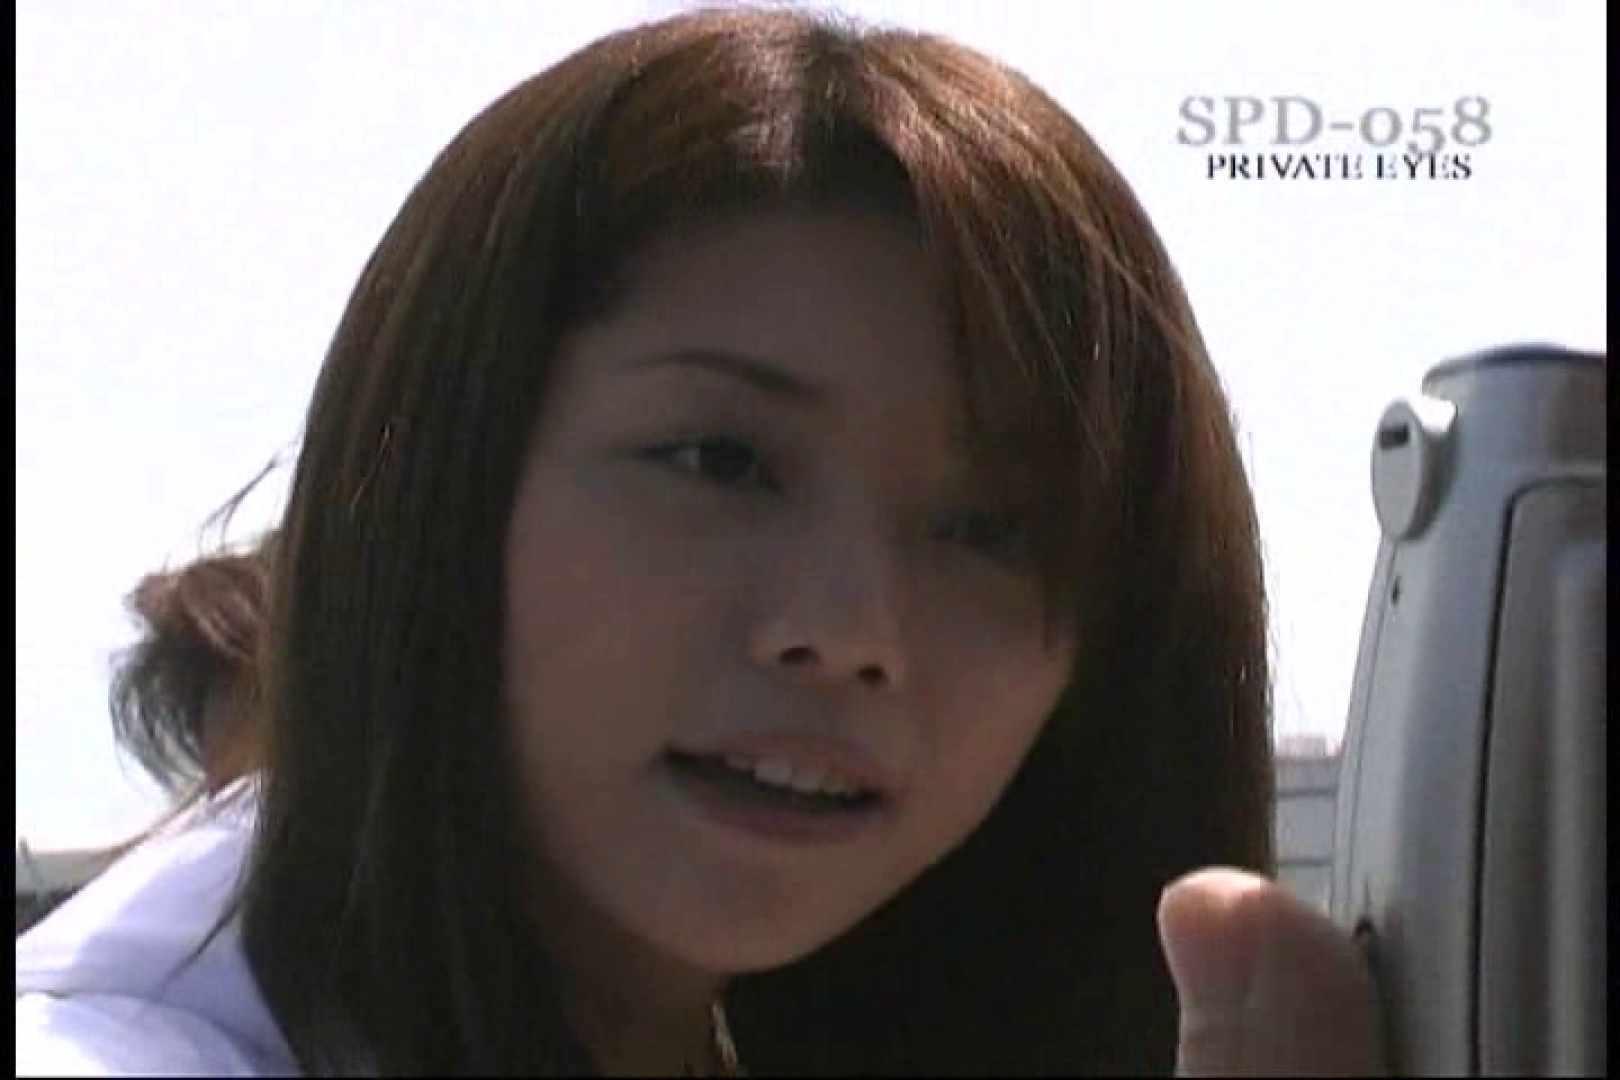 高画質版!SPD-058 ザ・レースクィーン Vゾーンハミ毛シリーズ(総集編Vol.1) 高画質 | プライベート  77PIX 76